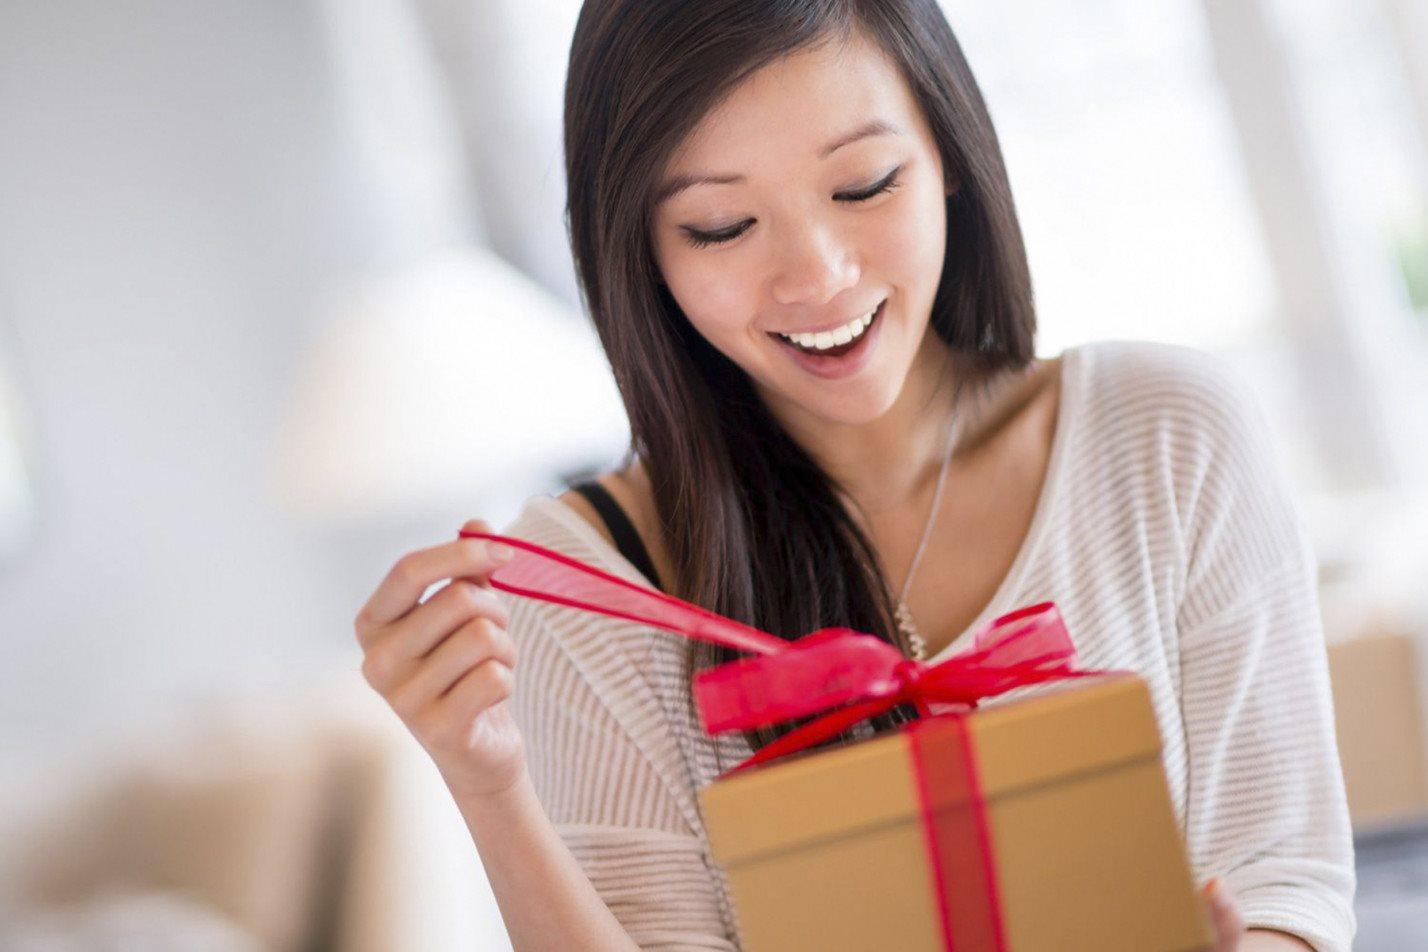 Đừng chờ đợi ai, phụ nữ nên chủ động tặng quà 8/3 cho bản thân - Làm cha mẹ